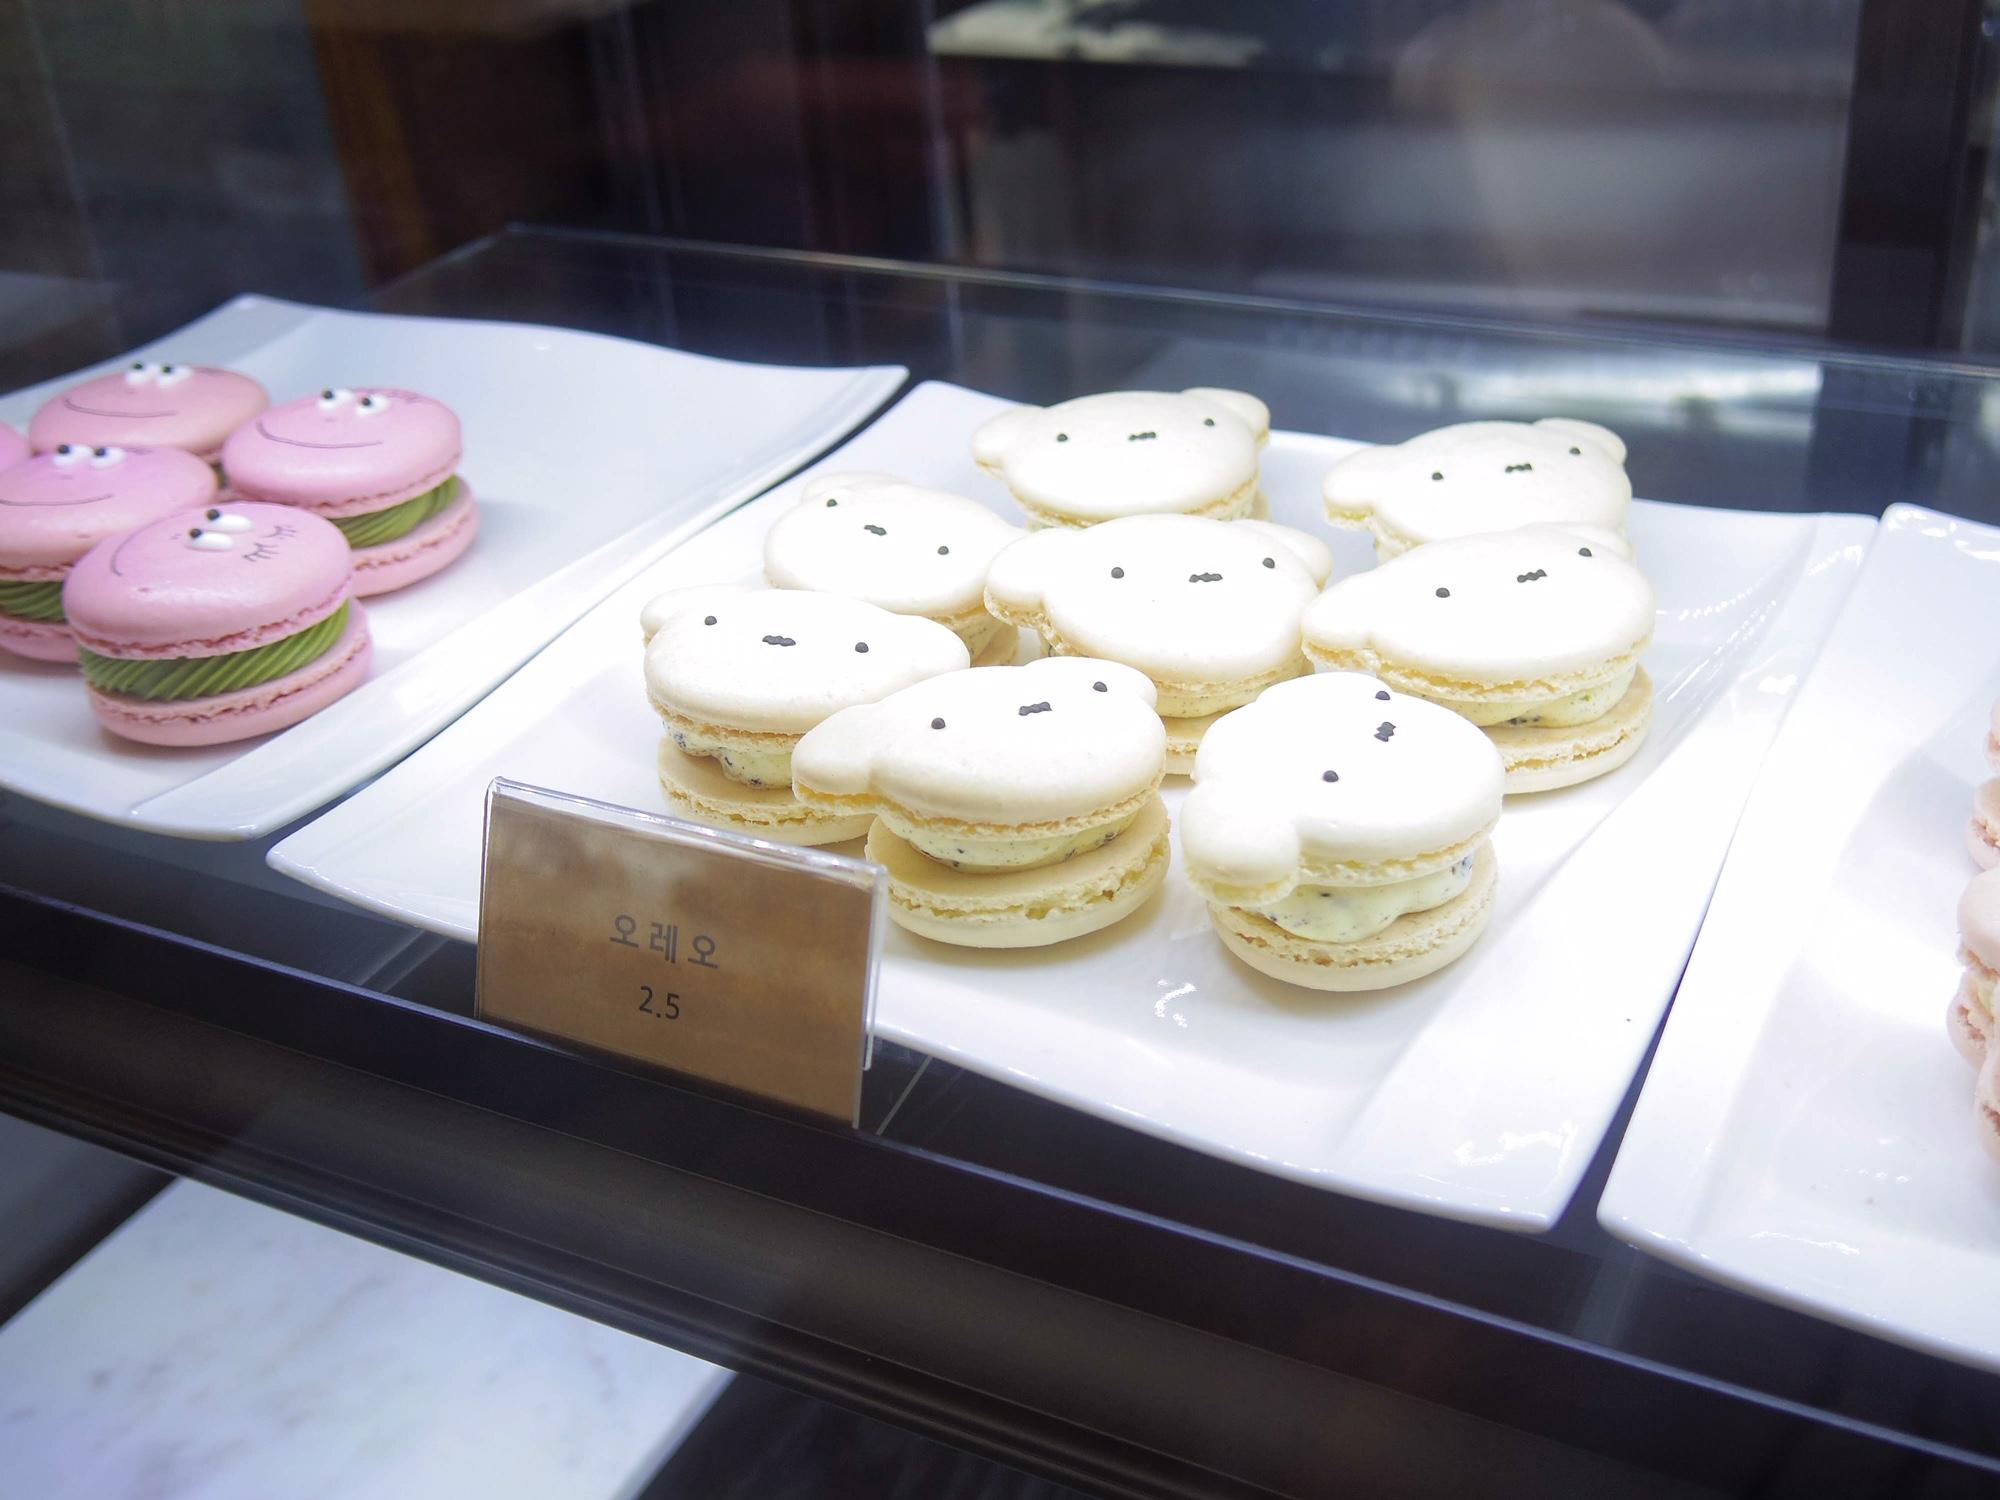 【韓国女子旅】スヌーピーのマカロンにメロメロ♡弘大(ホンデ)にあるおしゃれカフェ_3